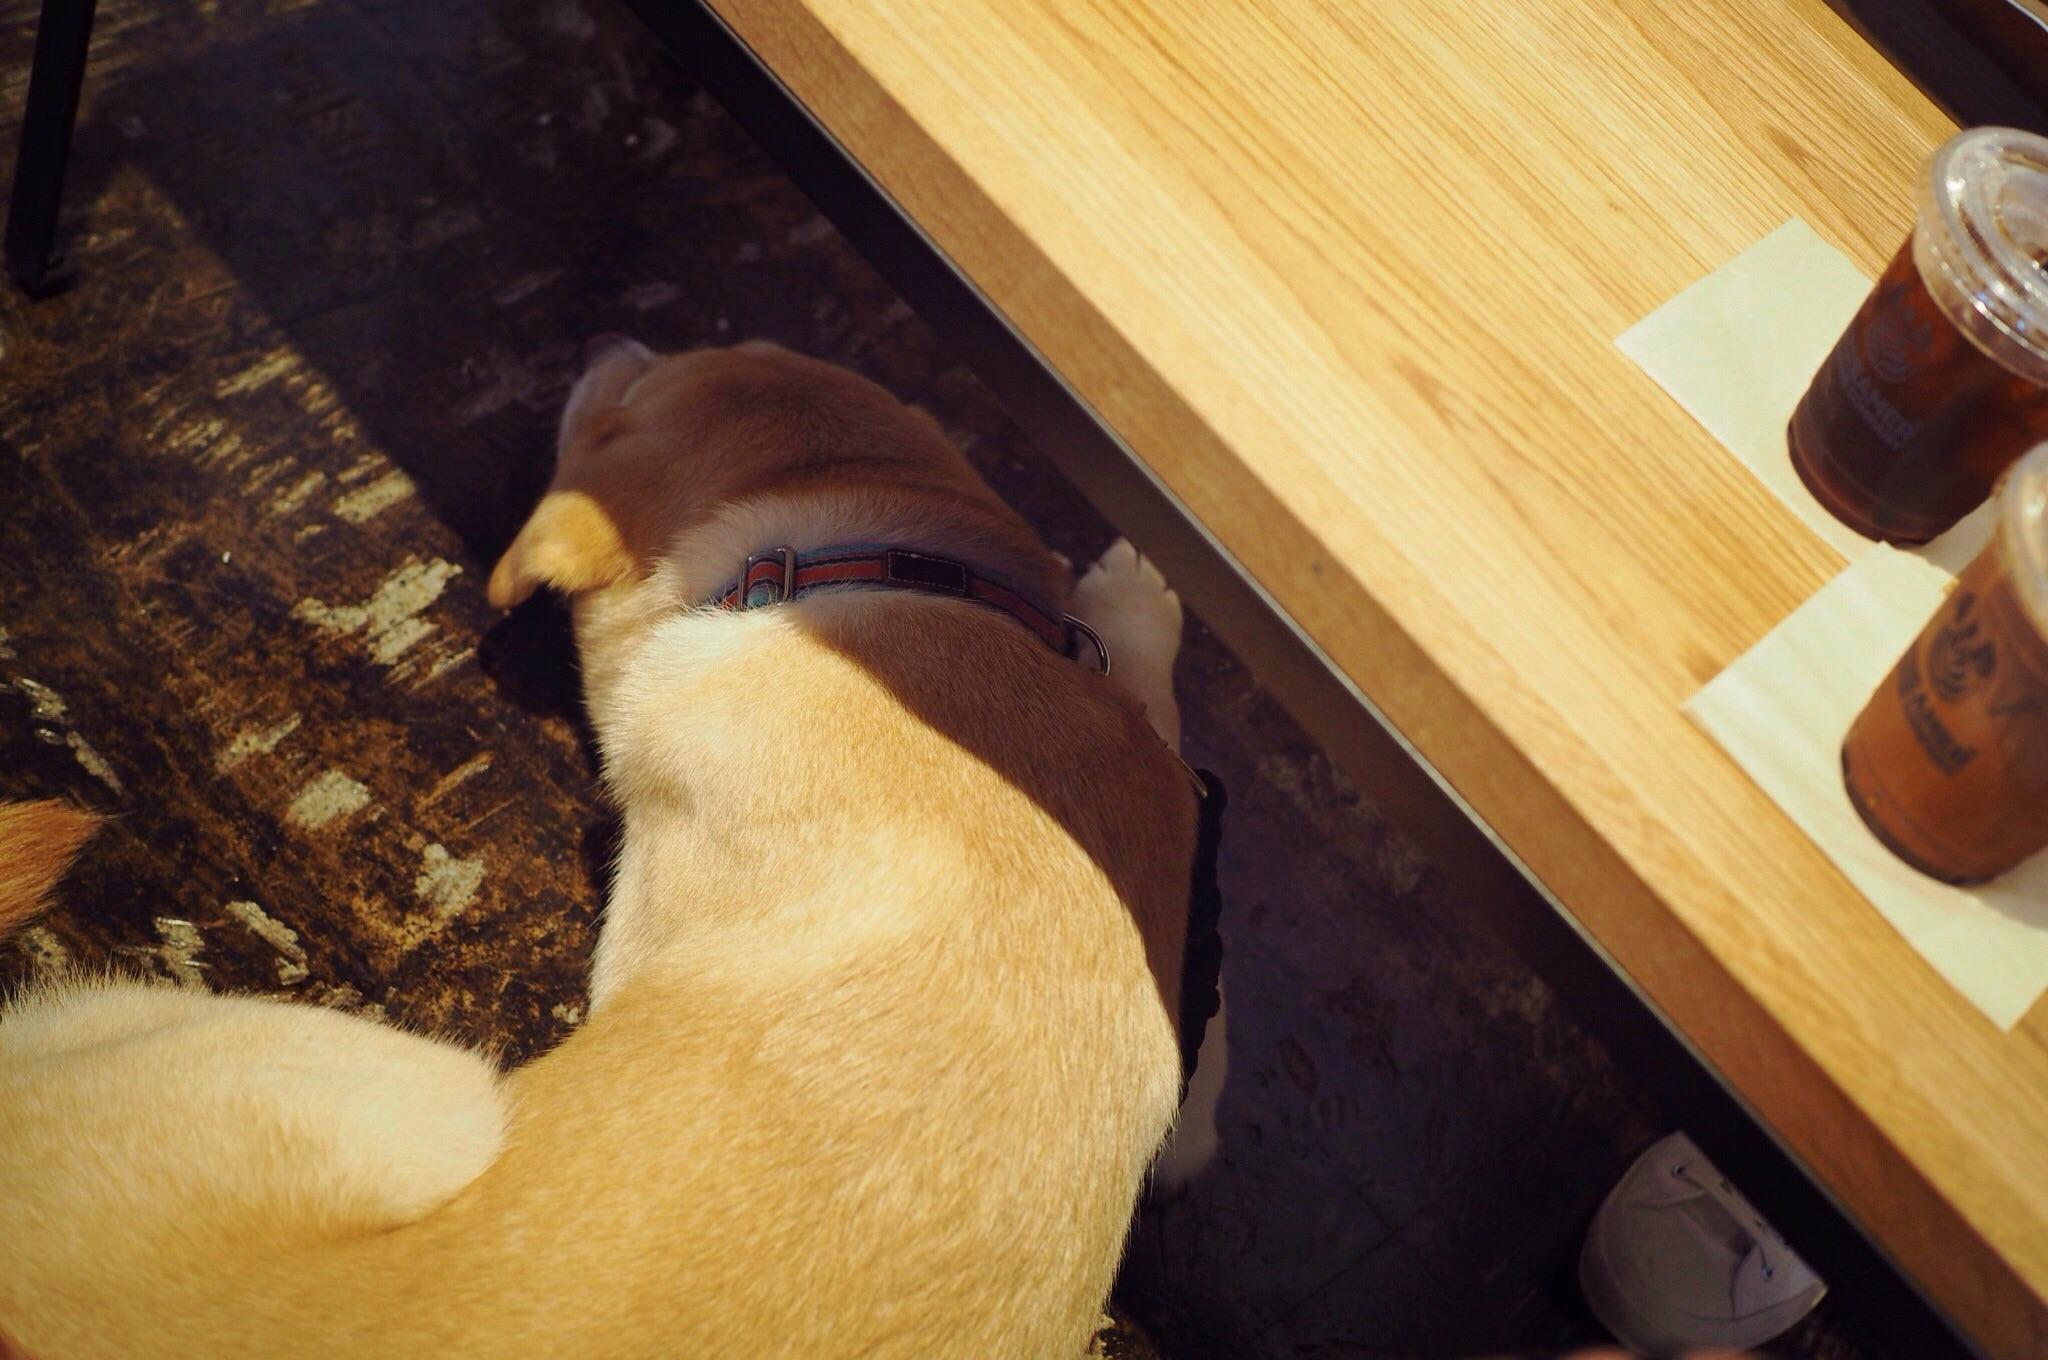 ストリーマーコーヒーカンパニー 茅場町 犬 わんこ